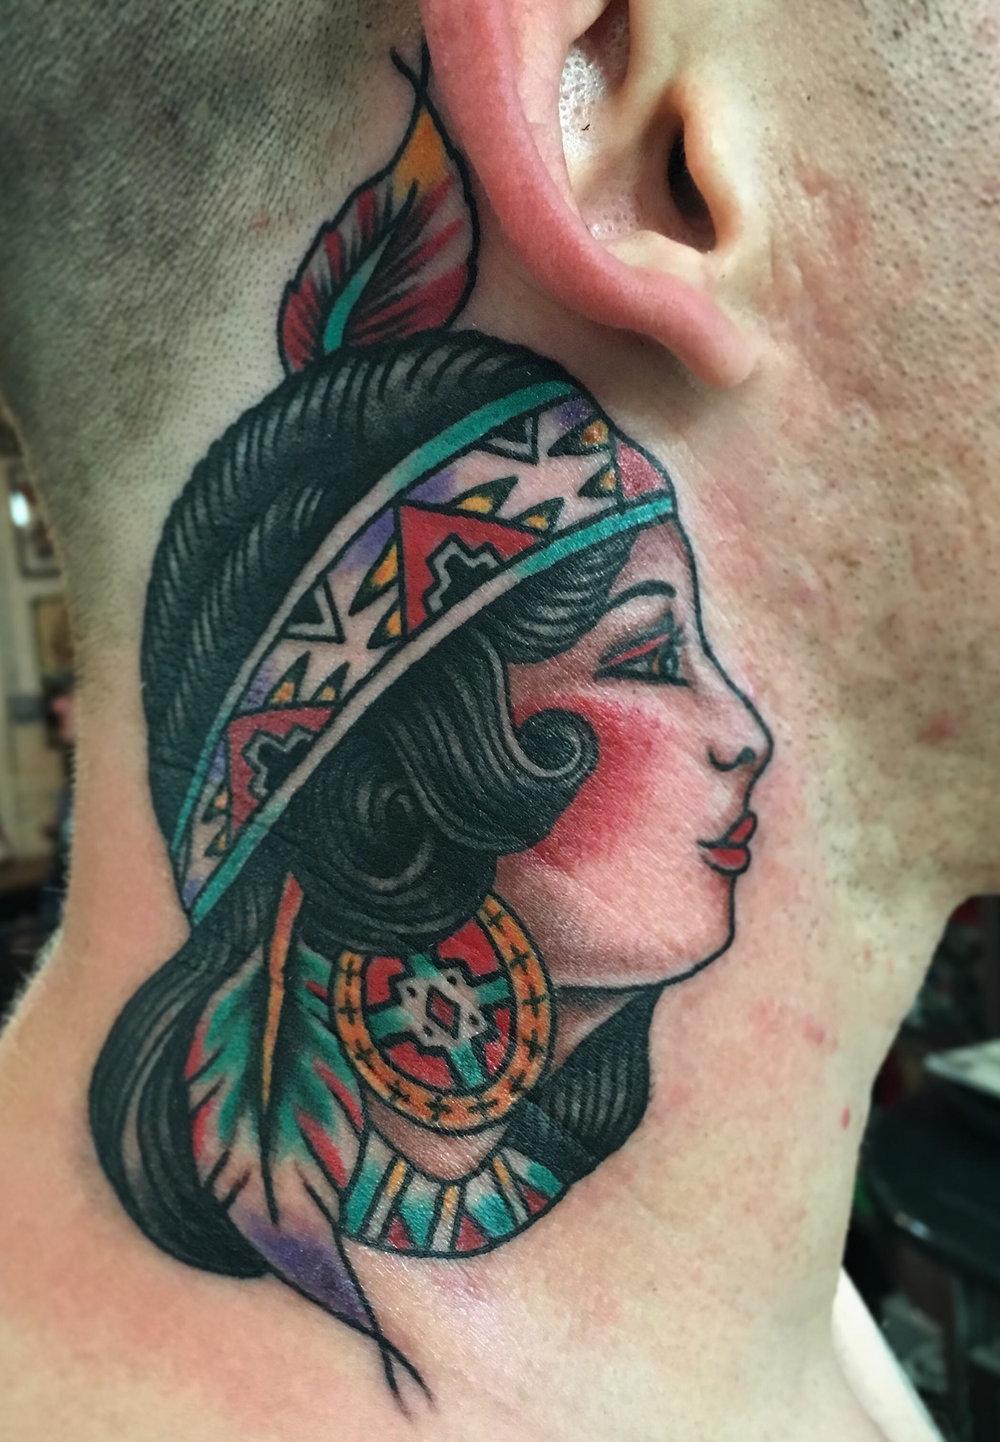 Simone-Sorbi-Tattoo-4.jpg